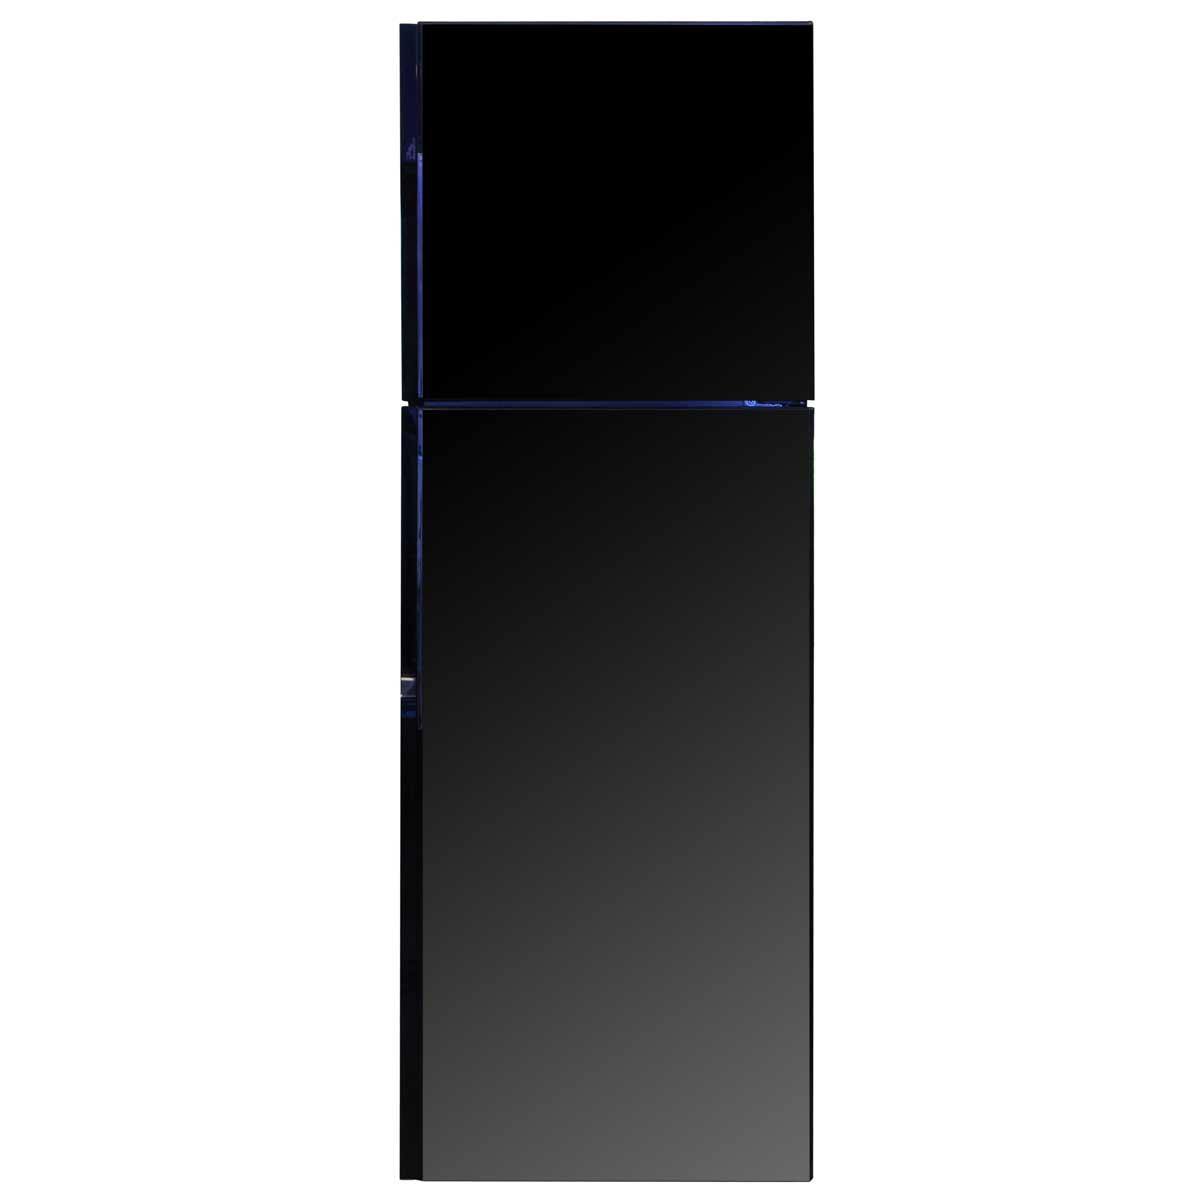 Tủ Lạnh Hitachi R-H230PGV7(BBK)- 230L Inverter